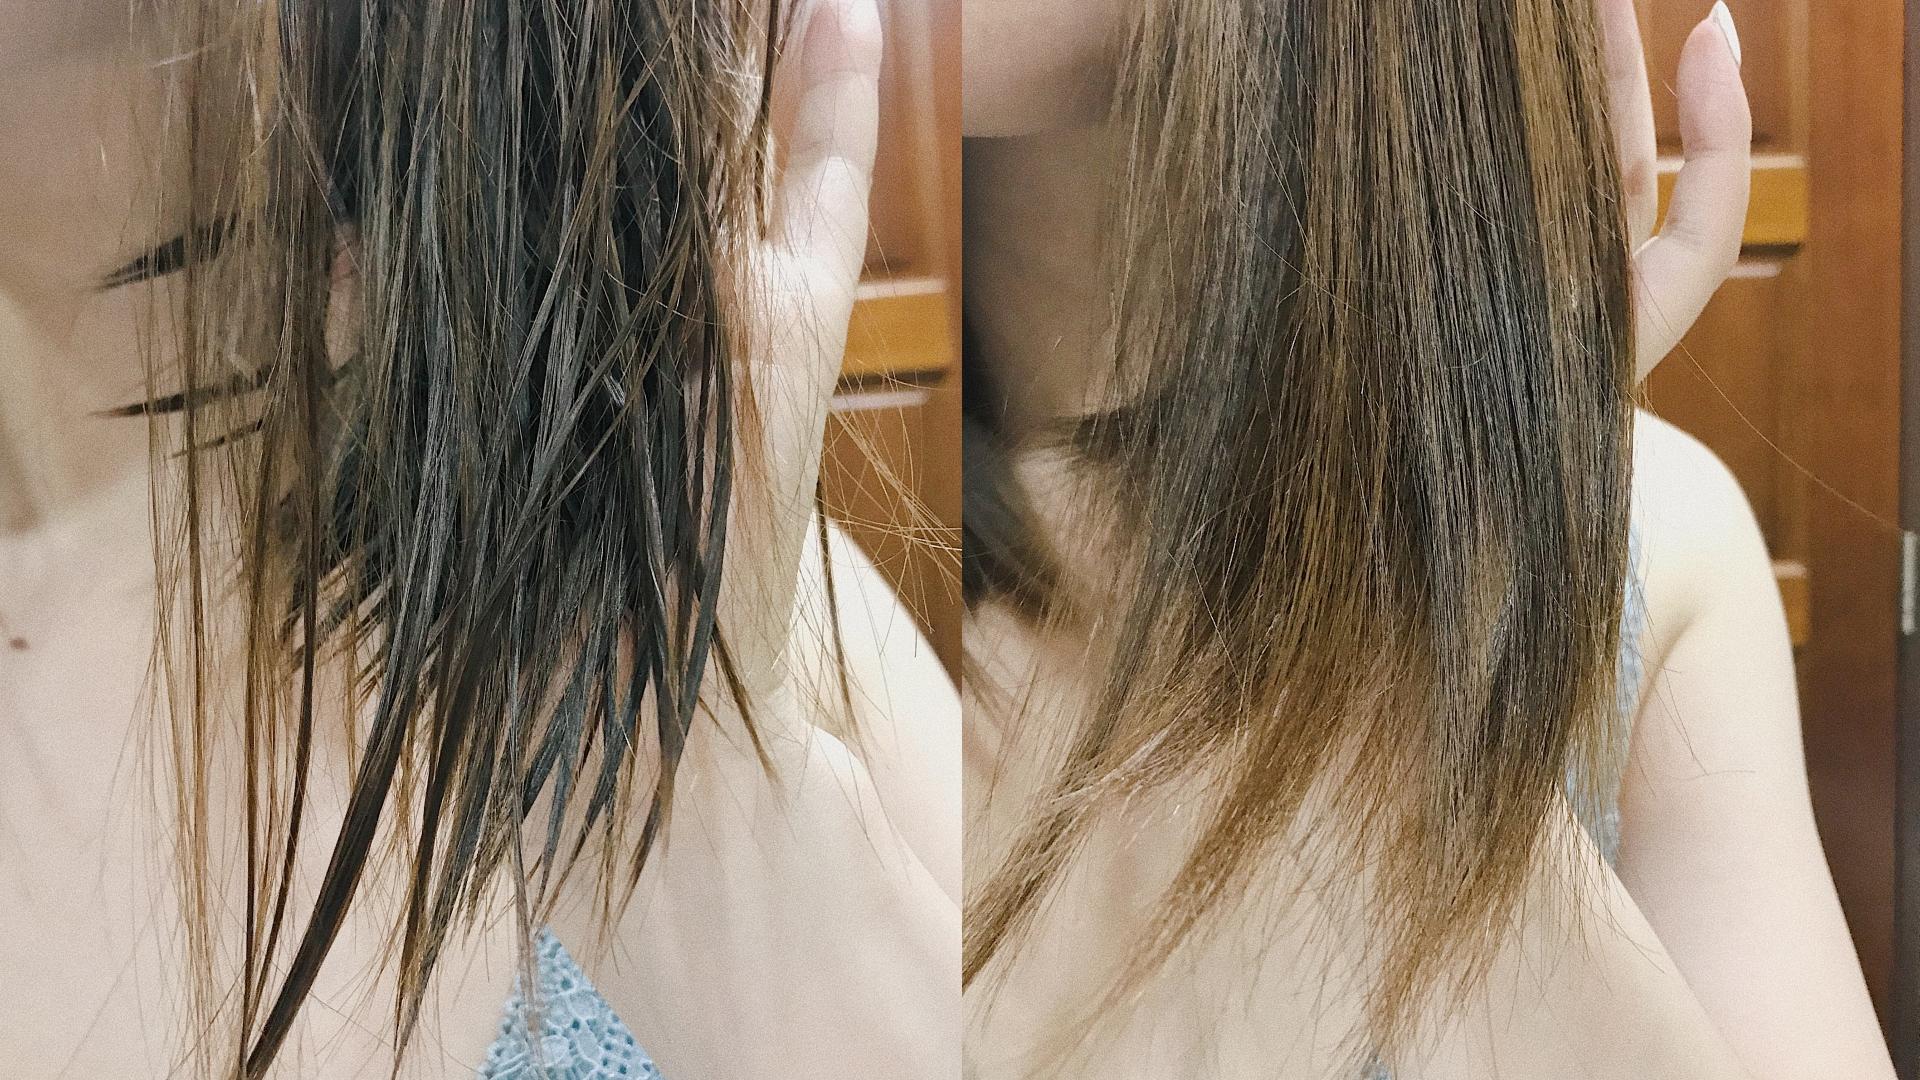 吹完的頭髮滿有柔順感的,摸起來不會毛躁!